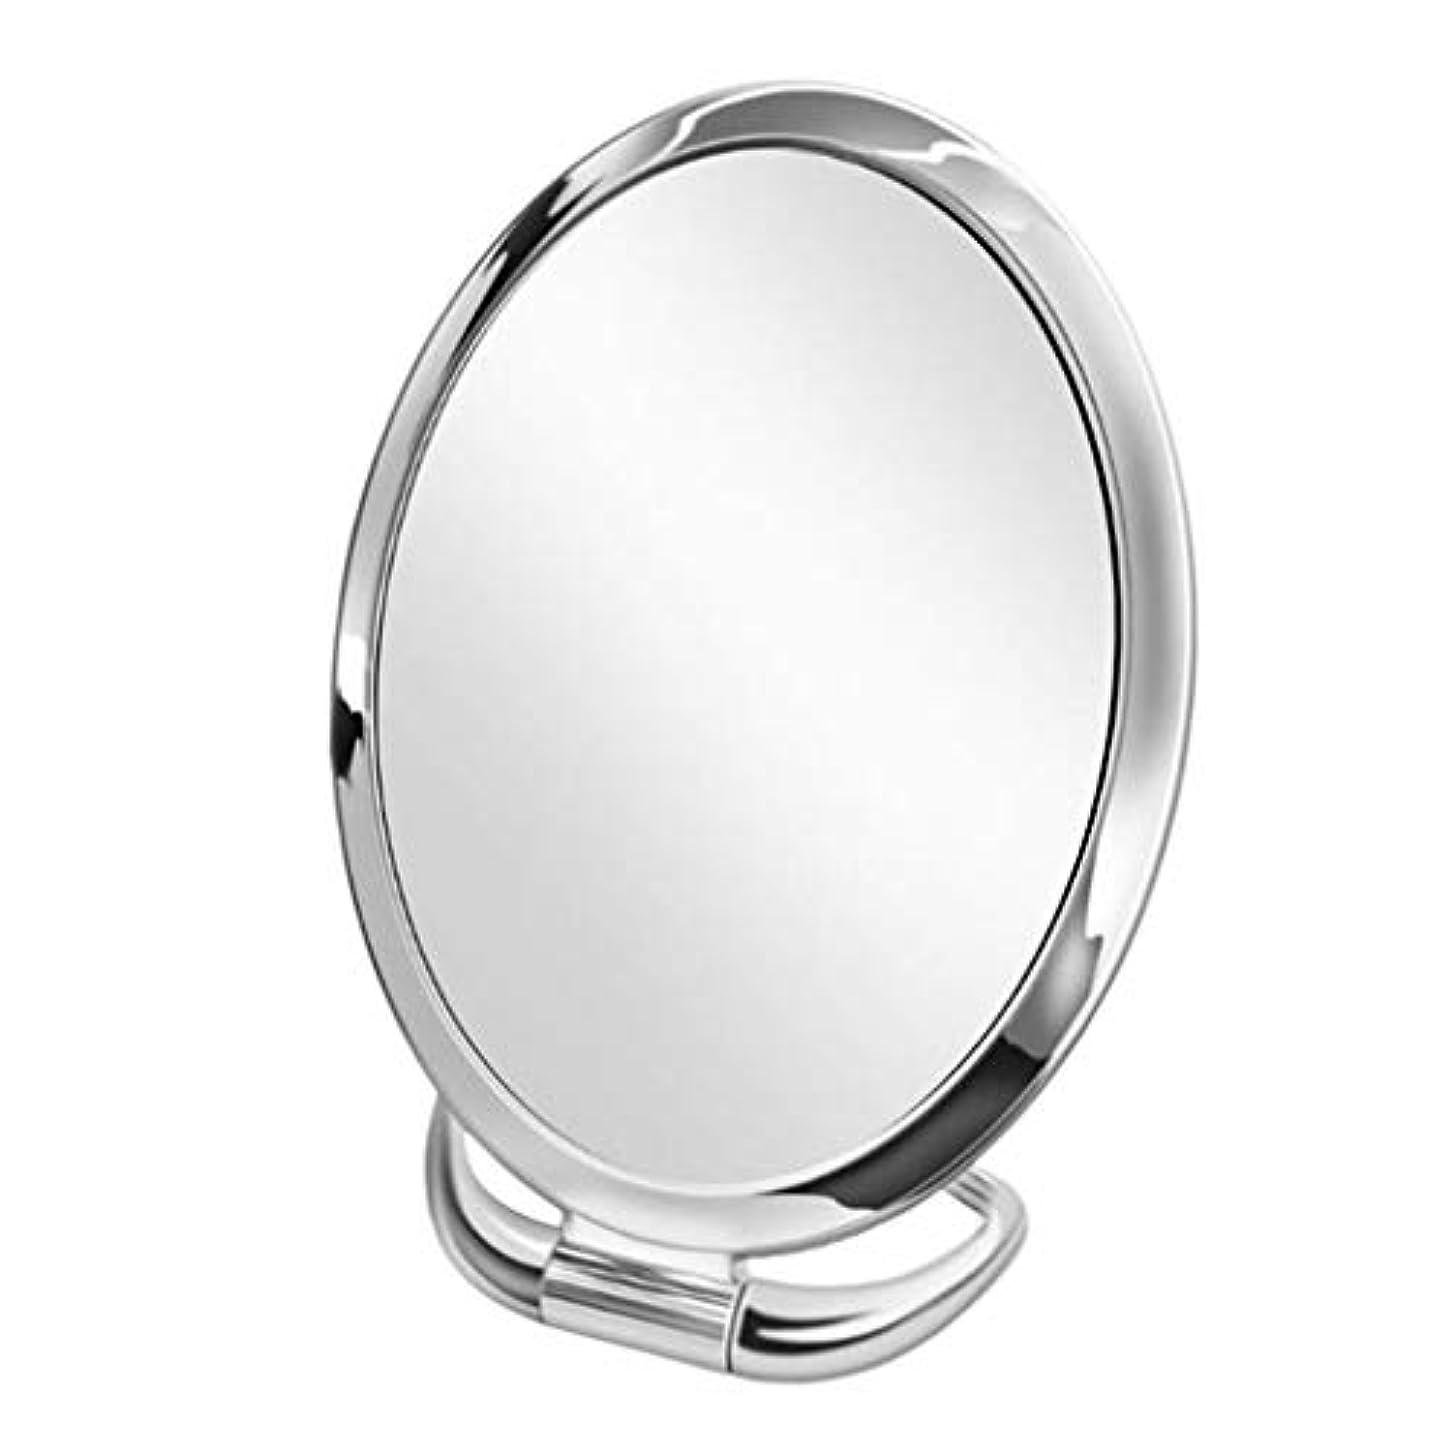 不安定脱臼する効果的に化粧鏡 化粧ミラー 鏡 両面鏡 卓上 女優 拡大鏡 3倍 折りたたみ 角度調整可能 収納便利 全9種類 - スライバーオーバル